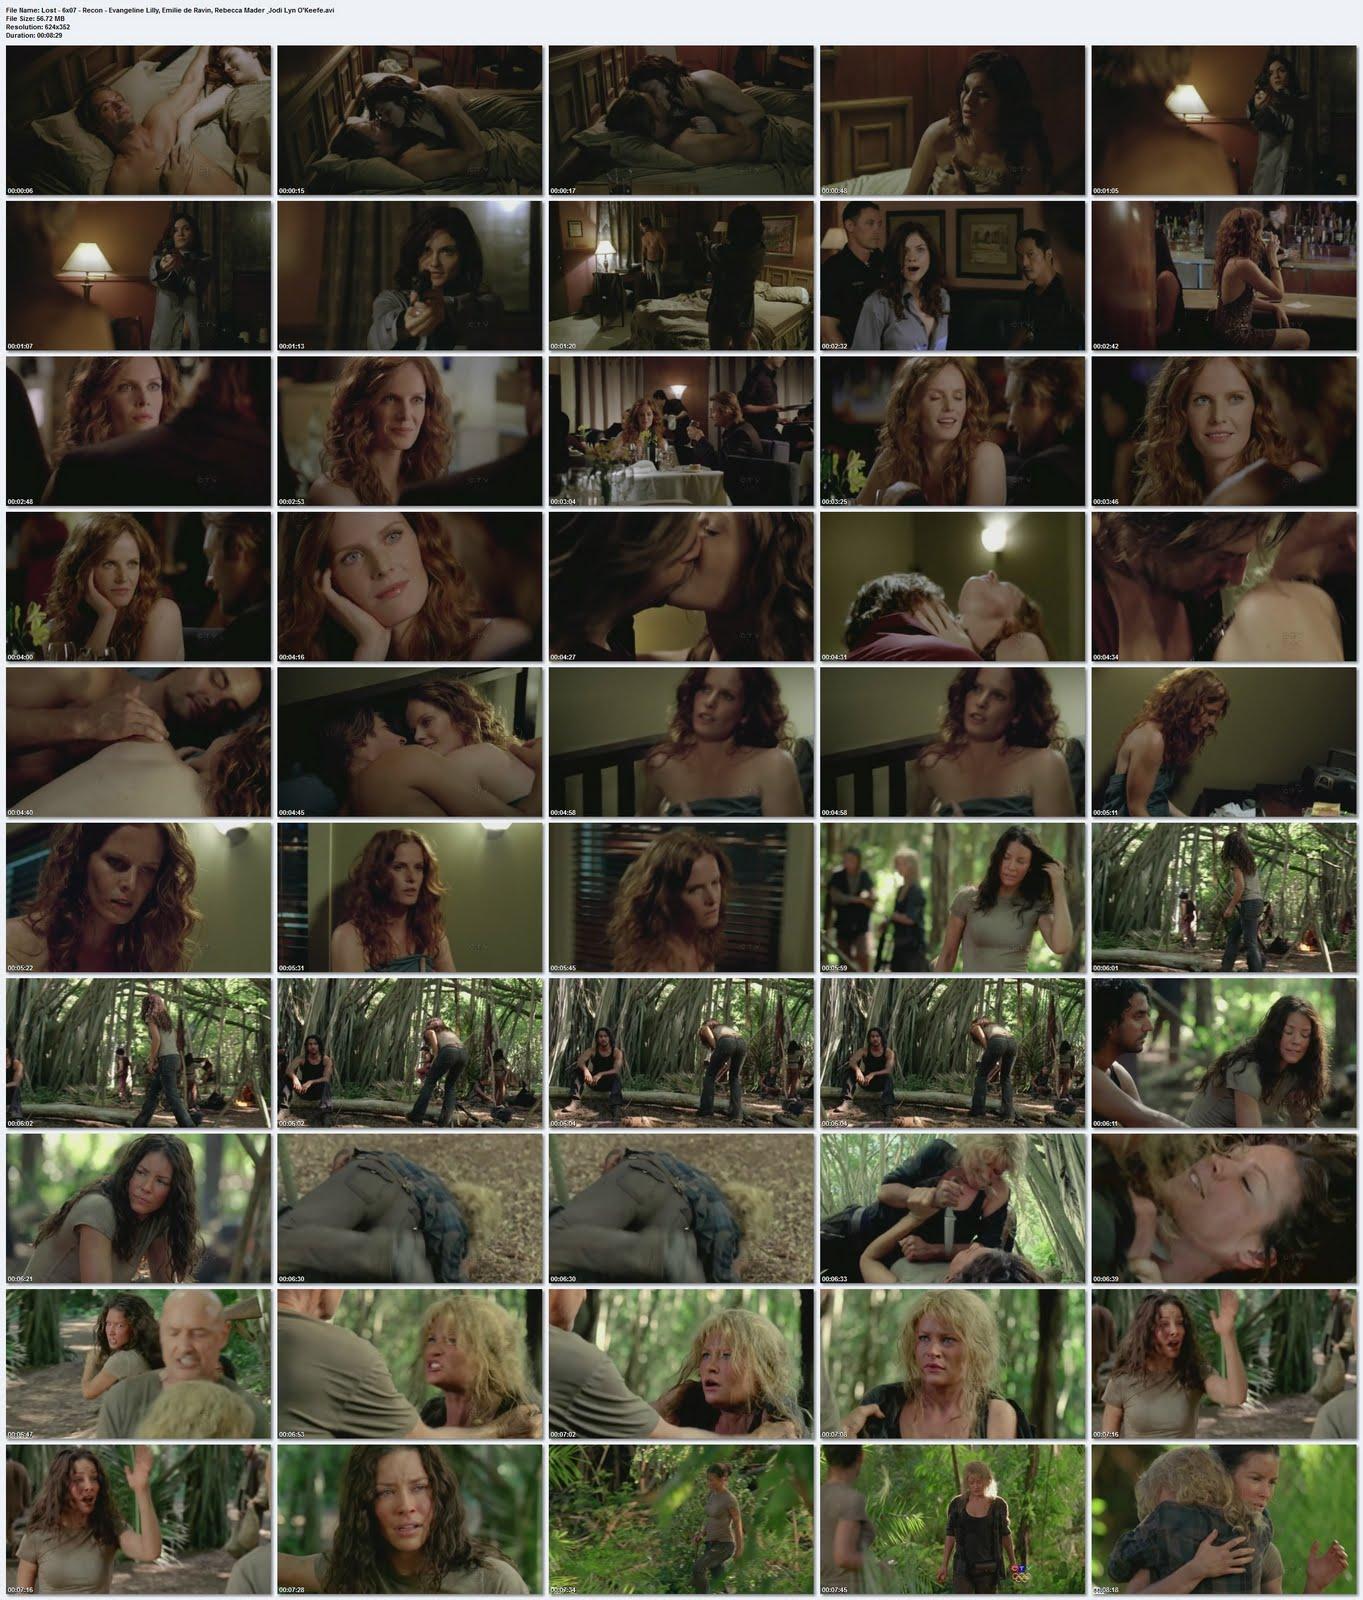 http://1.bp.blogspot.com/_jHTmh1HDYX0/S9SYlT5FJ_I/AAAAAAAABWg/tEany1zRk4c/s1600/Lost+-+6x07+-+Recon+-+Evangeline+Lilly,+Emilie+de+Ravin,+Rebecca+Mader+%26+Jodi+Lyn+O%27Keefe-792524.jpg